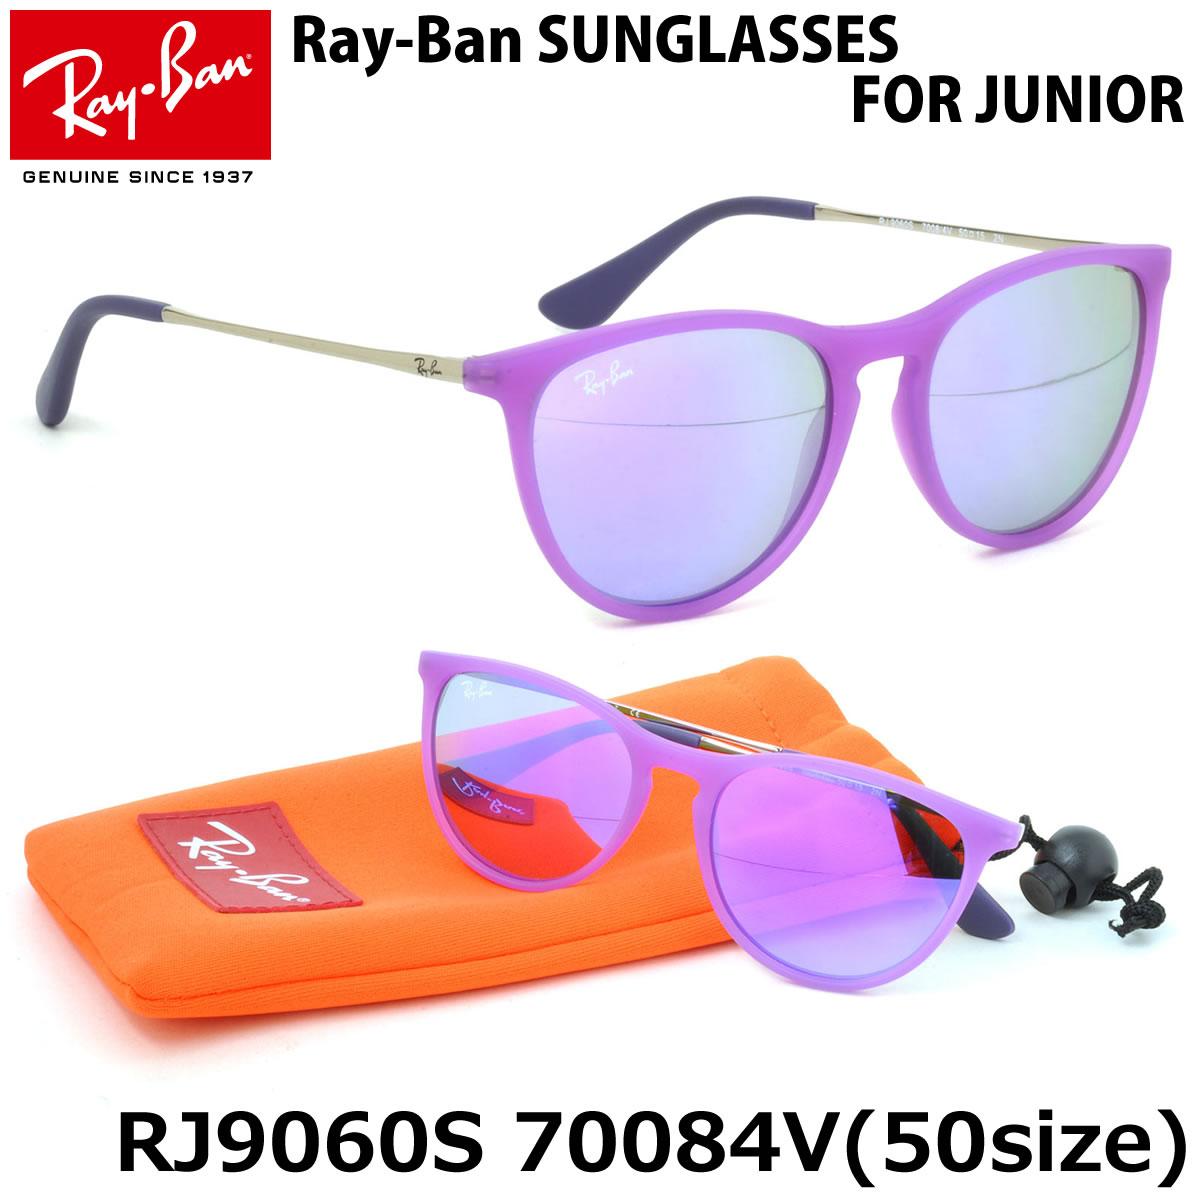 レイバン ジュニア サングラス Ray-Ban RJ9060S 70084V 50サイズ 子供用 レイバン RAYBAN ジュニア ERIKA エリカ IZZY Junior キッズ